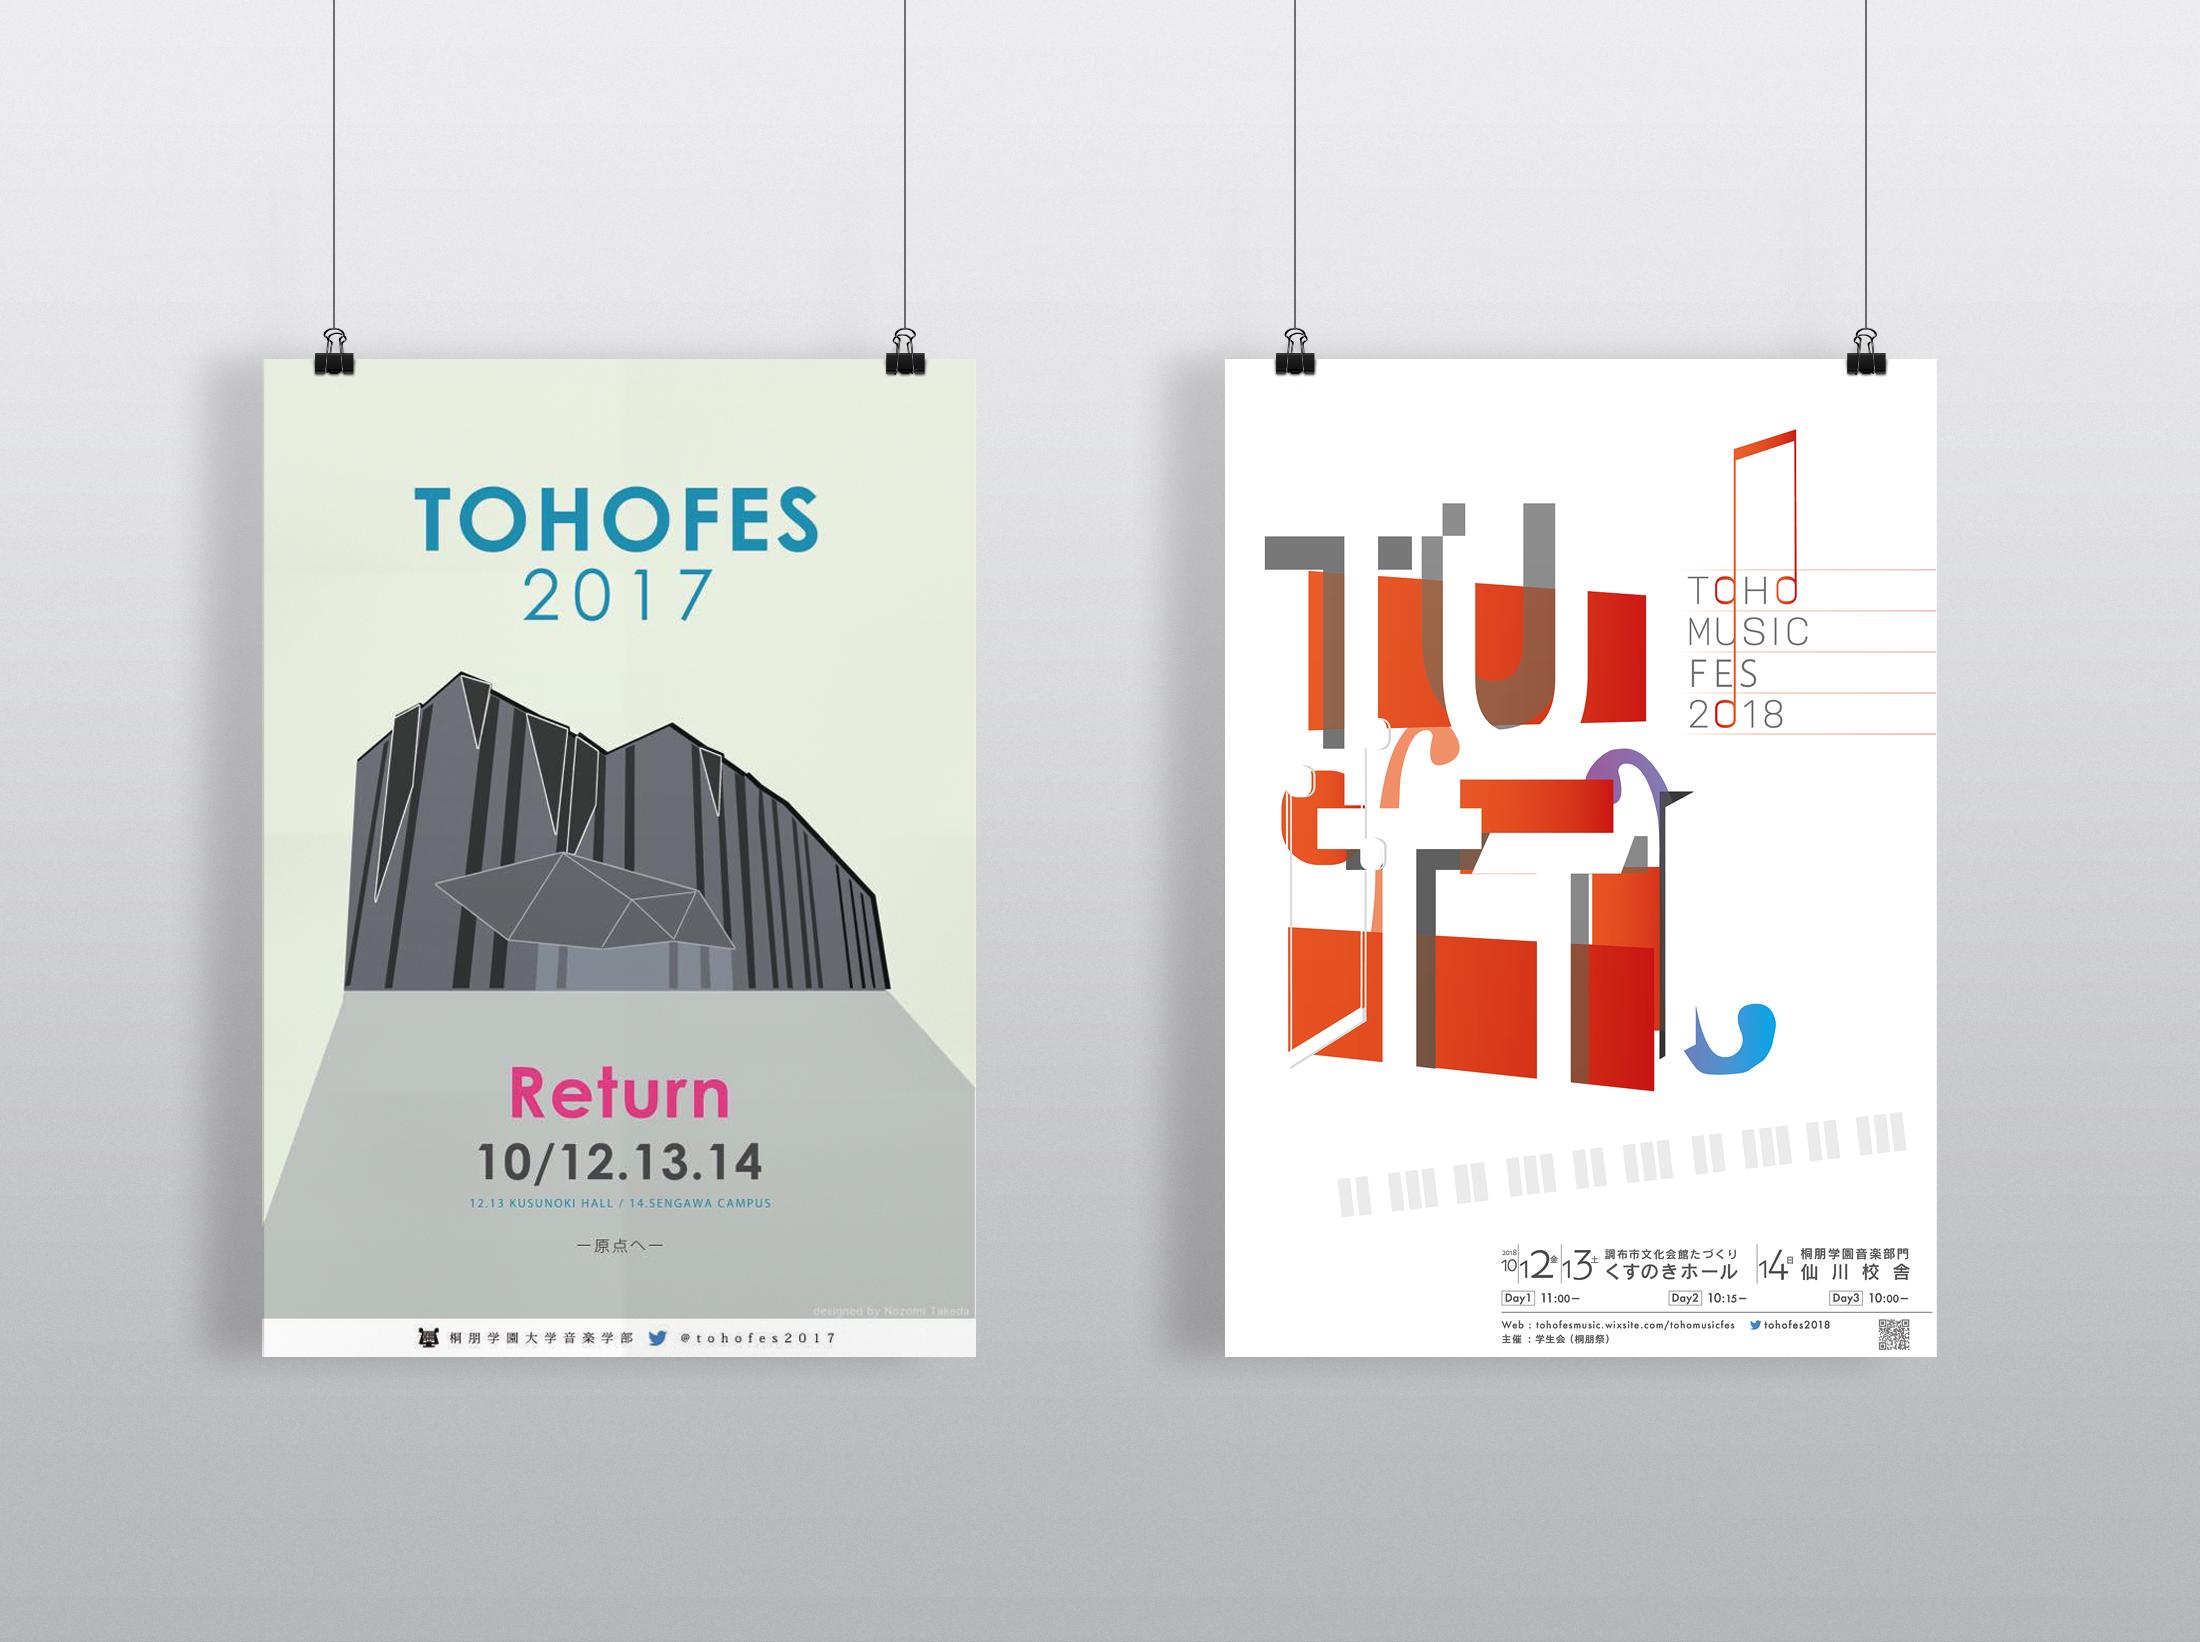 2017年度/2018年度 TOHOFES ポスター